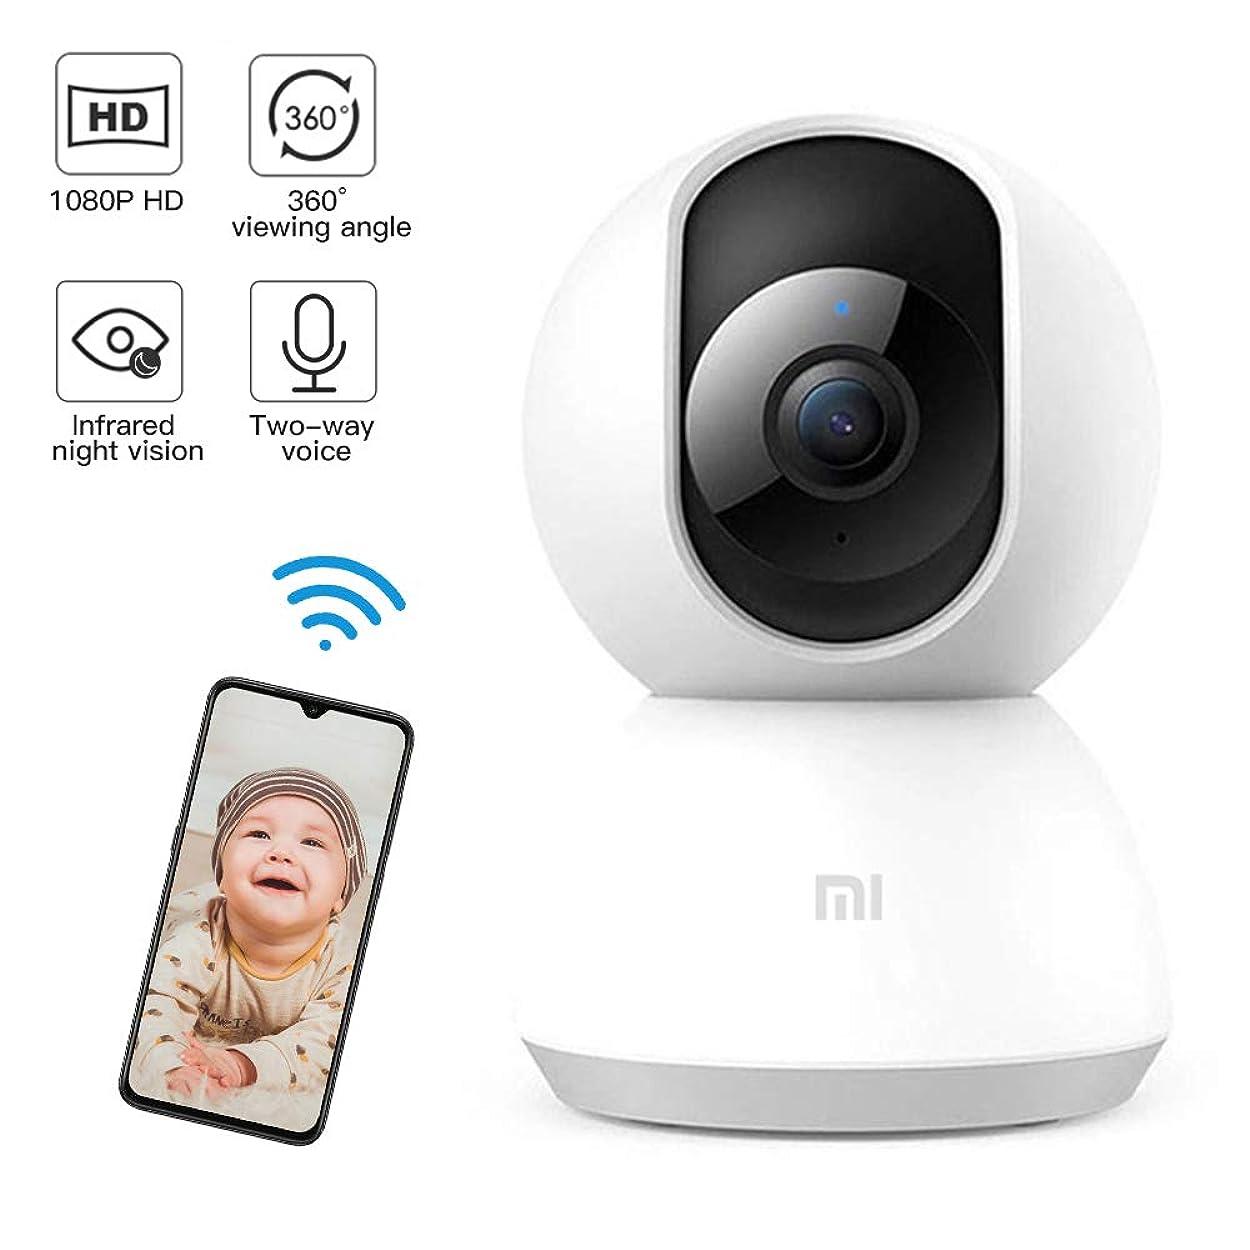 もっとホイップカプセルネットワークカメラ 1080P IPカメラ ベビーモニター 防犯監視カメラ ワイヤレス カメラ